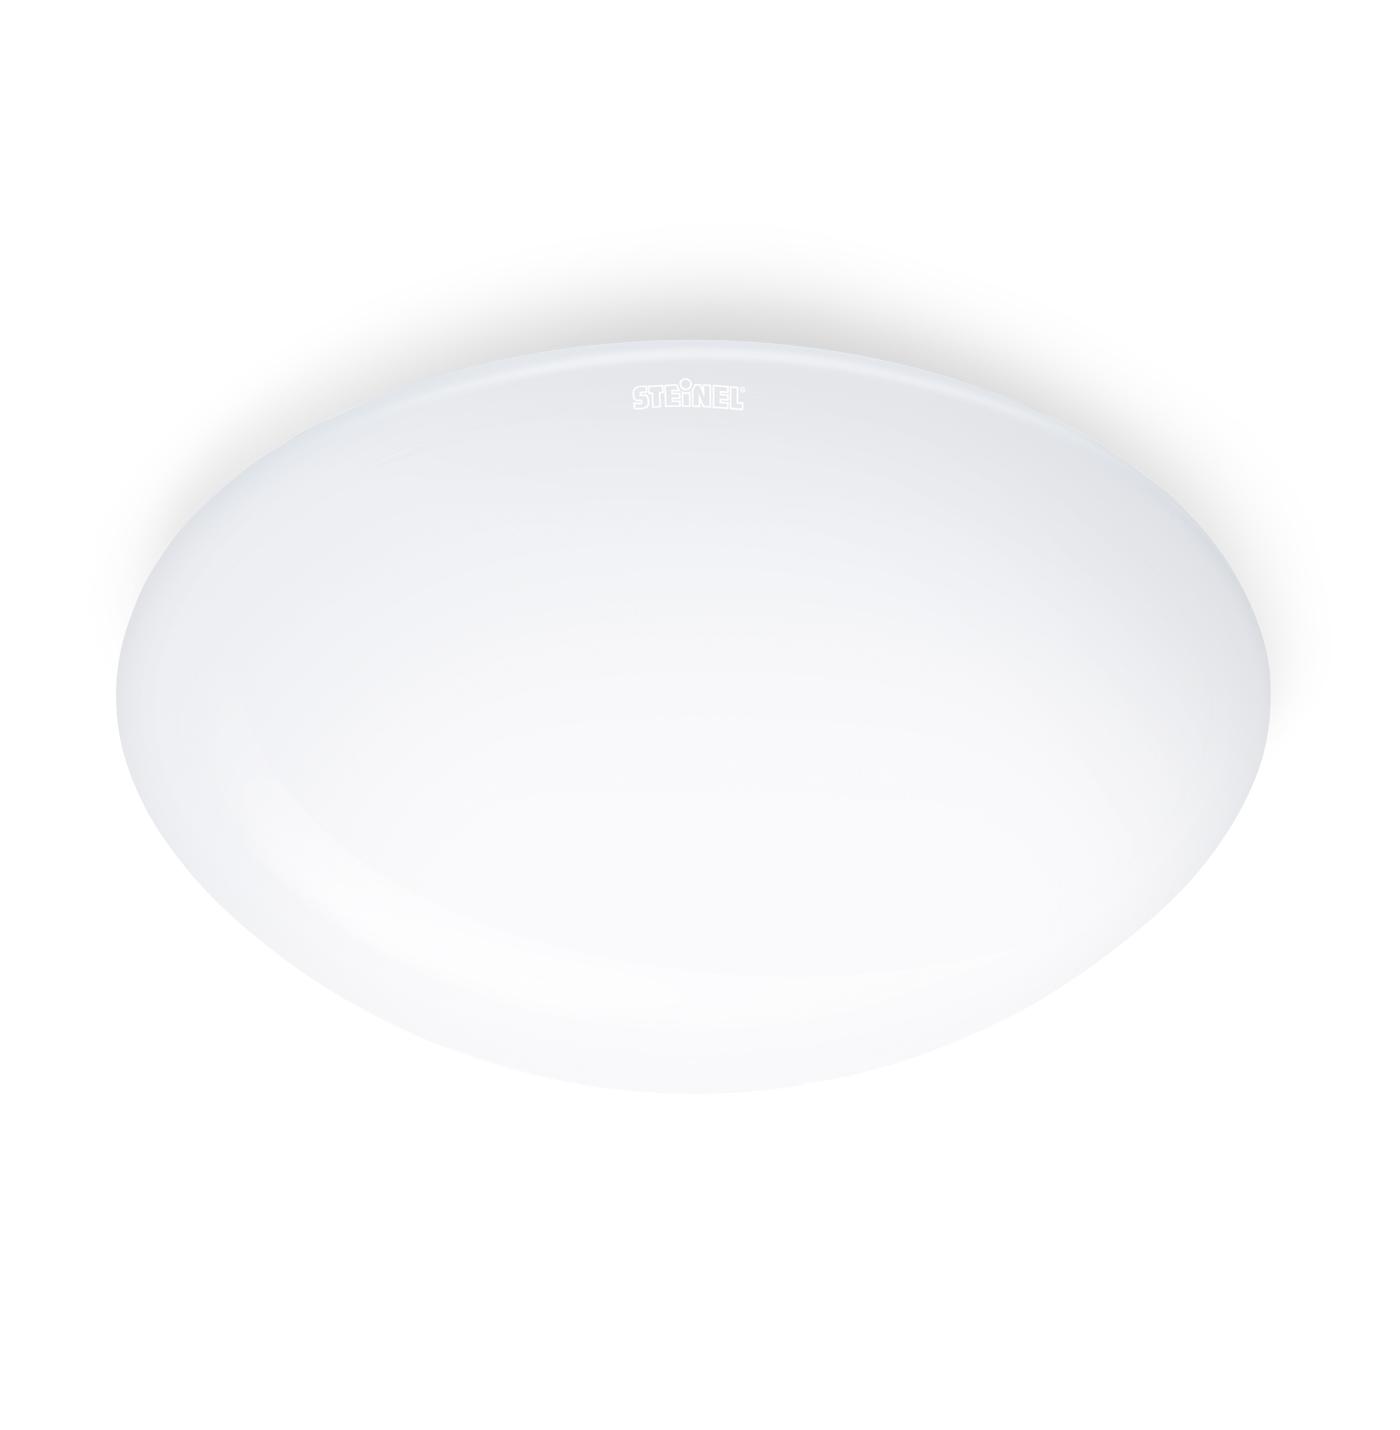 106789008-1-sensor-innenleuchte-rs100_l Spannende Steinel Lampe Mit Bewegungsmelder Dekorationen